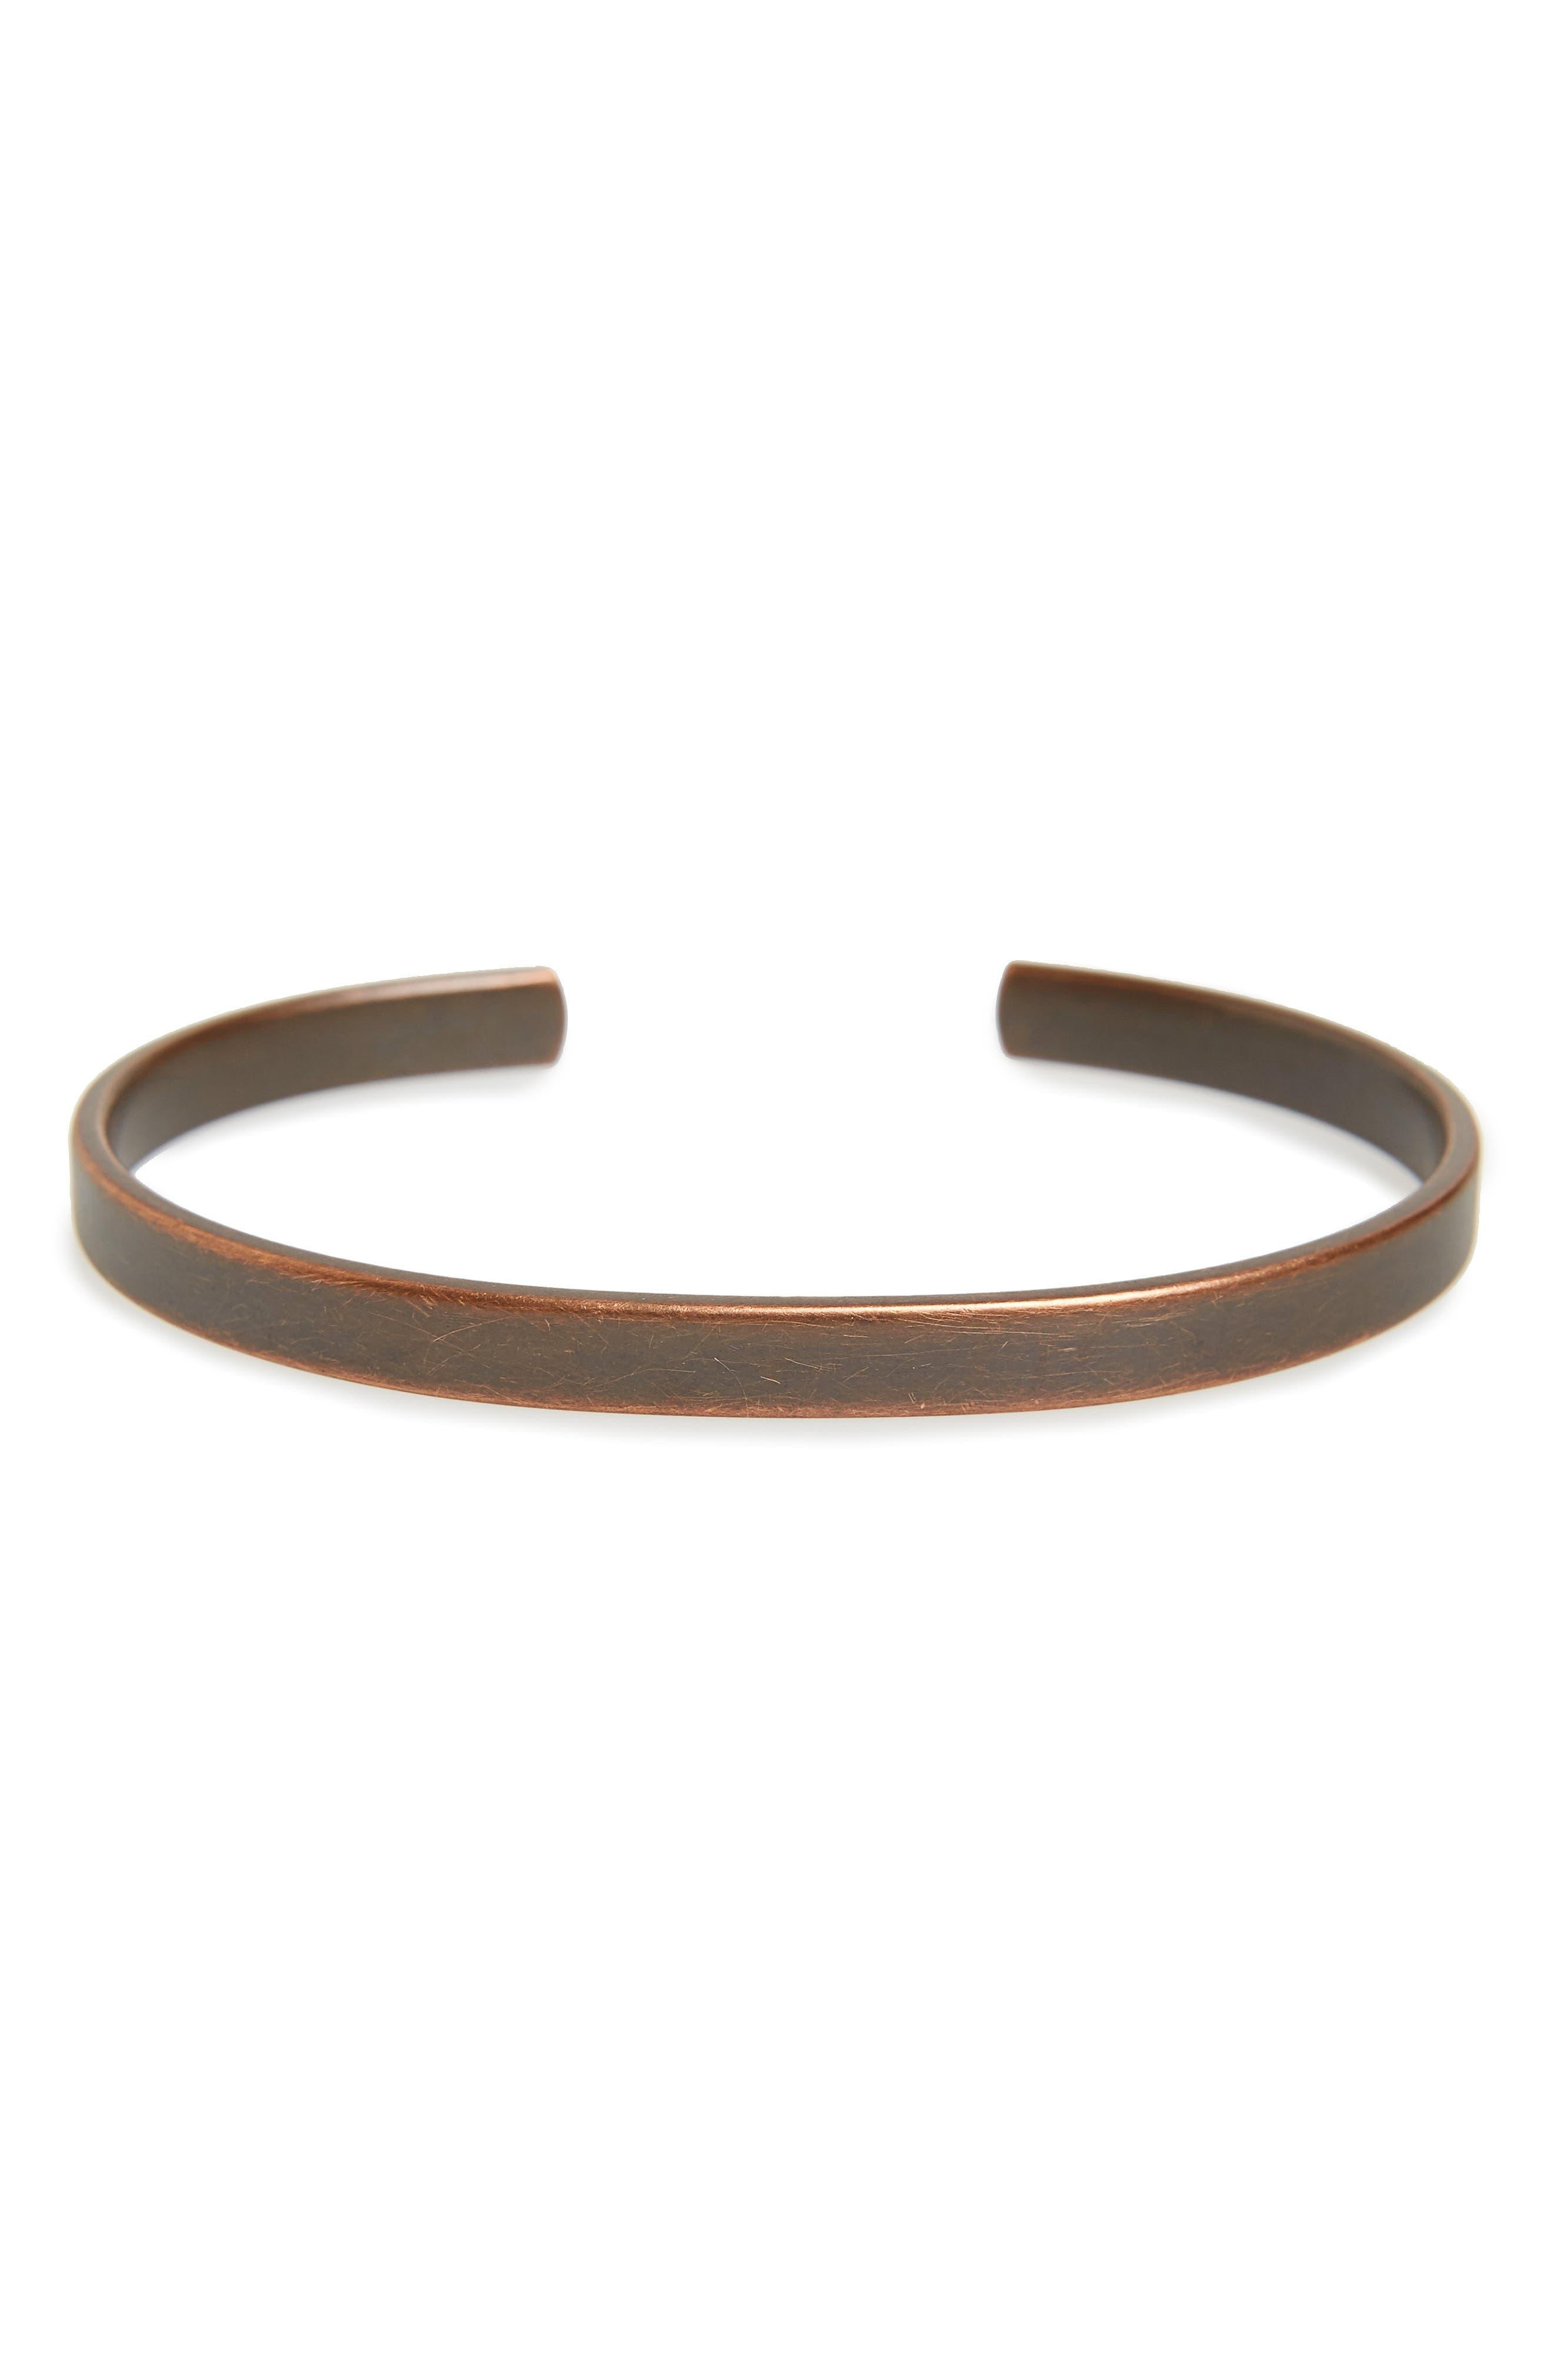 CAPUTO & CO. Clean Metal Cuff Bracelet in Copper